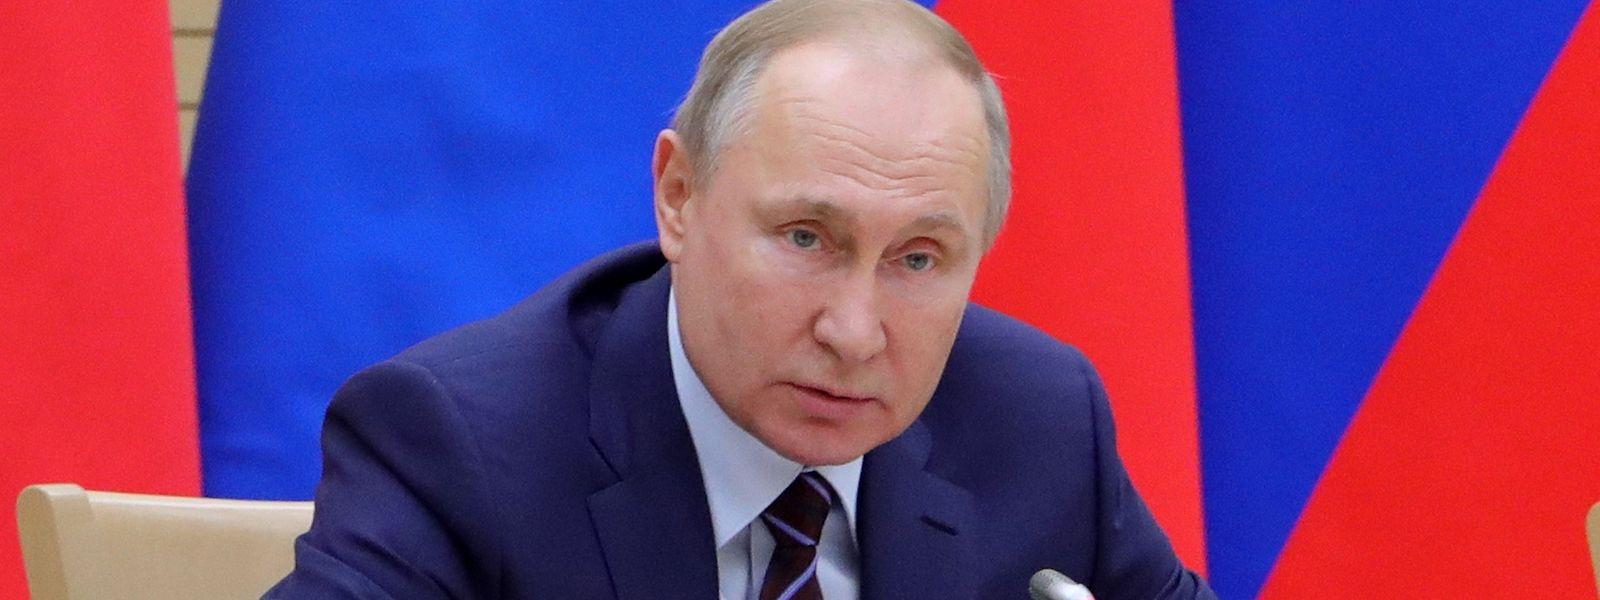 Wladimir Putin schraubt an der russischen Institutionen-Gesetzgebung.